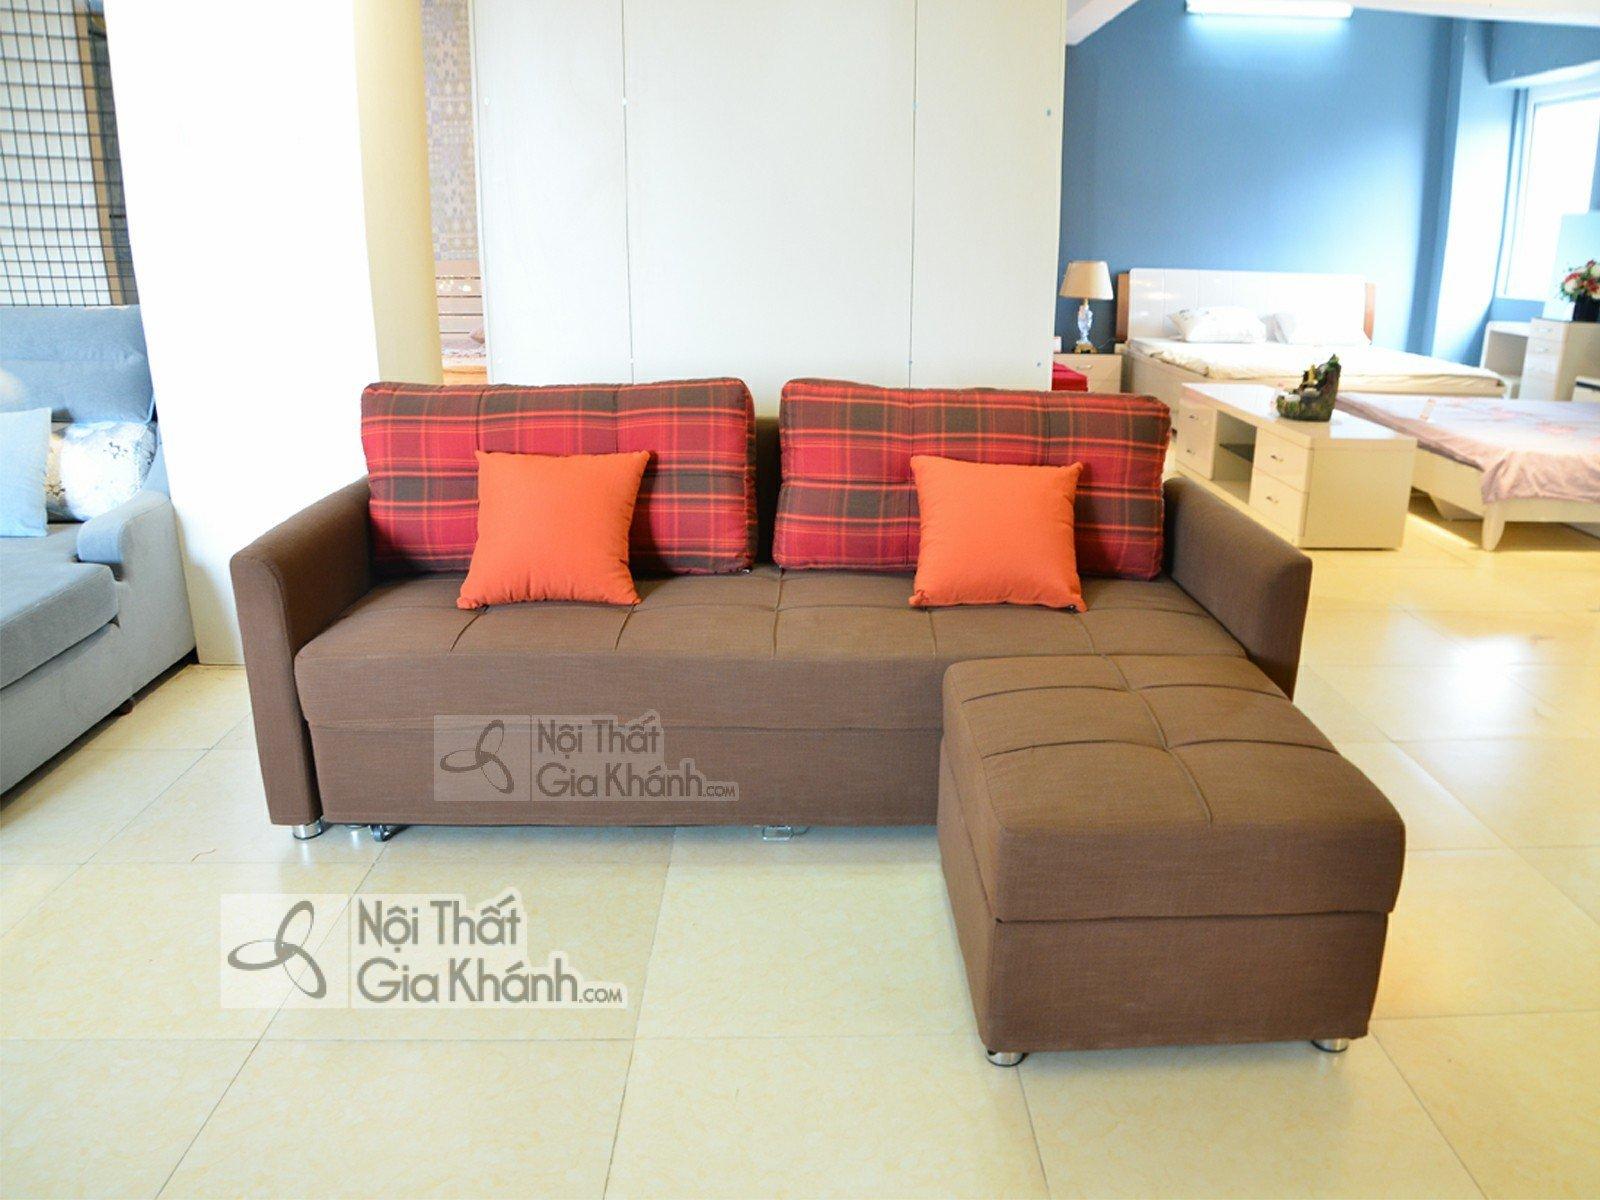 Mẫu ghế sofa kết hợp giường ngủ đa năng SF119B-29